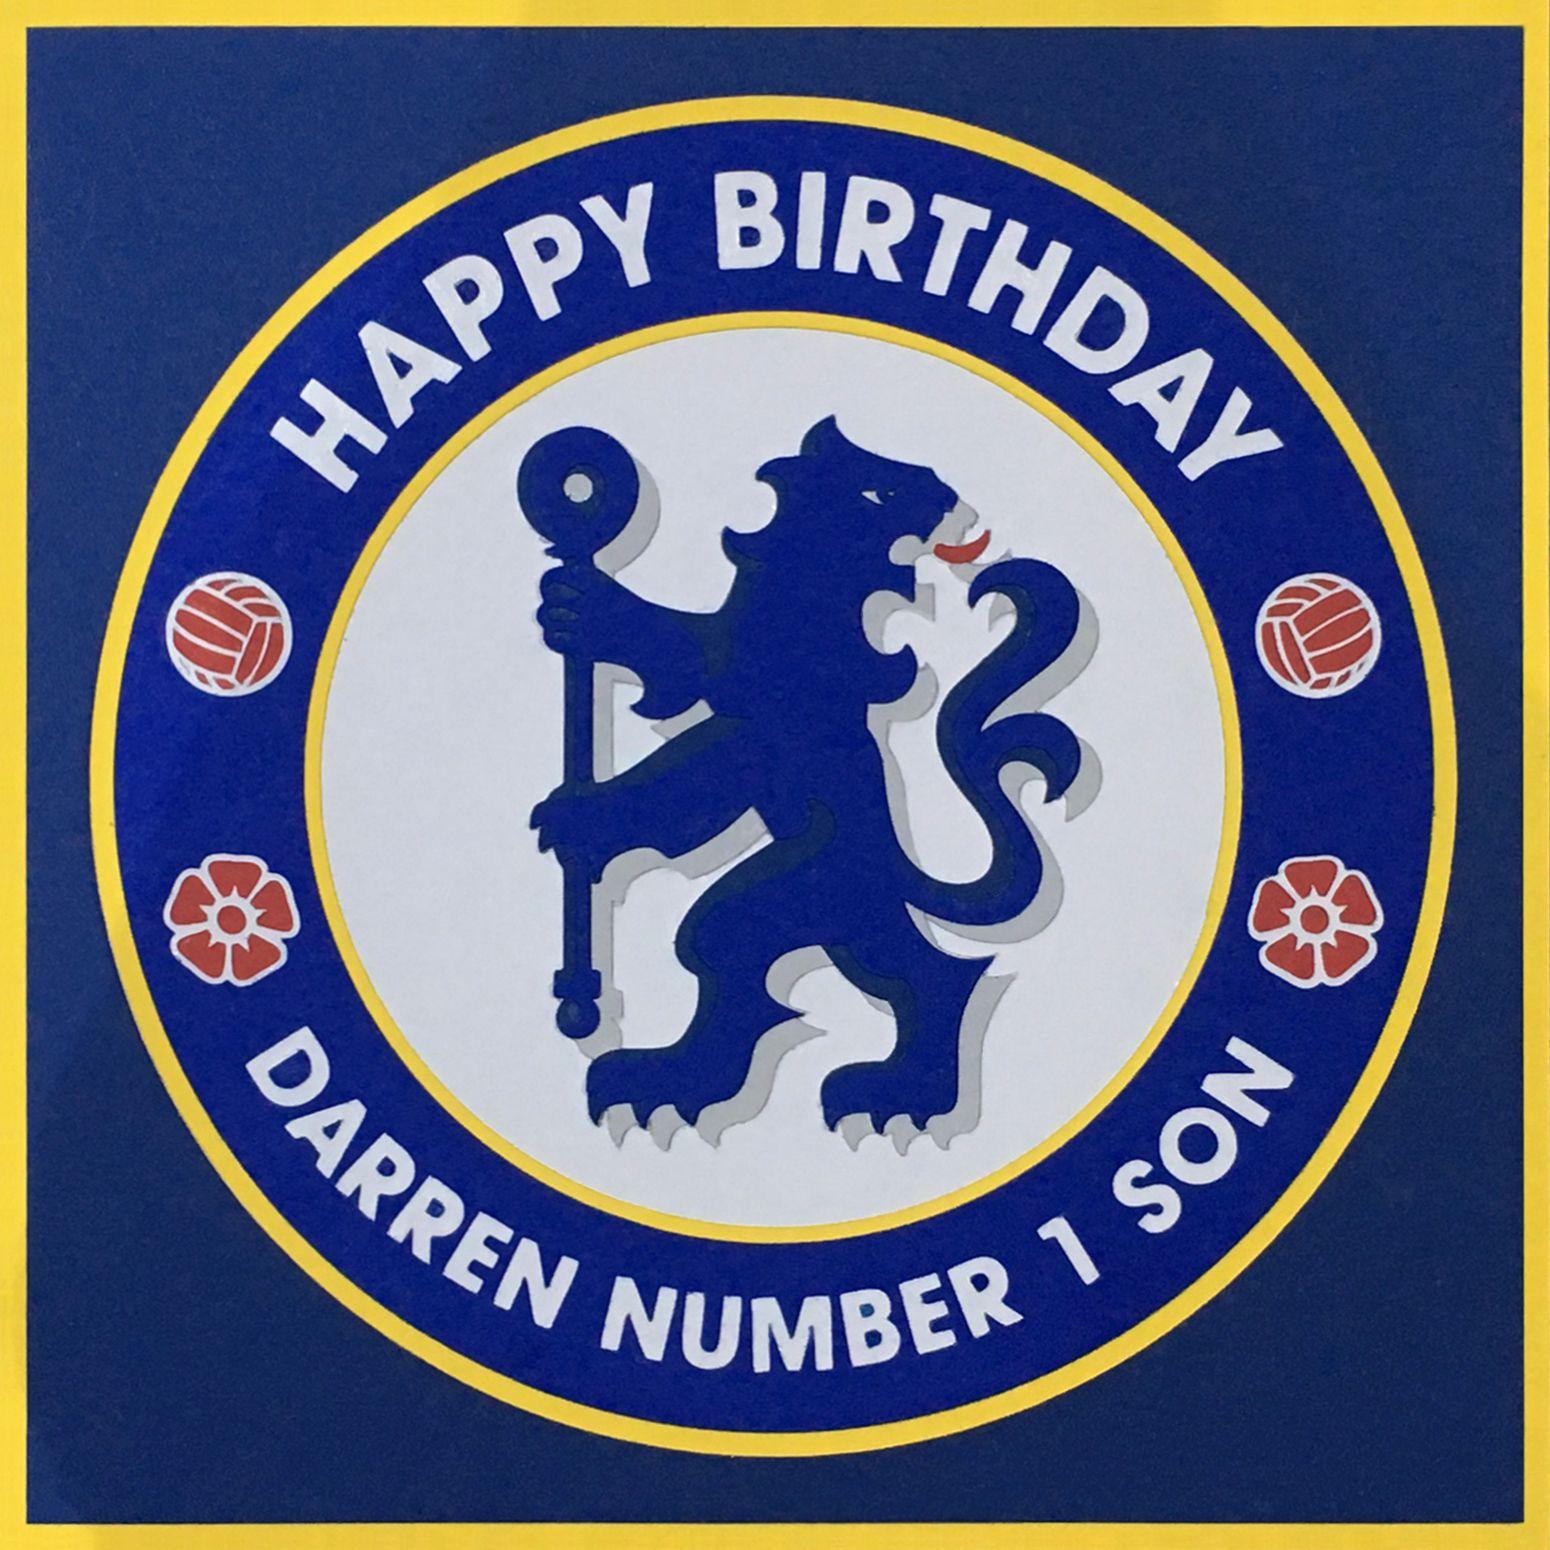 Handmade Chelsea Football Club Card Design Featuring Club Badge Club Card Chelsea Football Club Cards